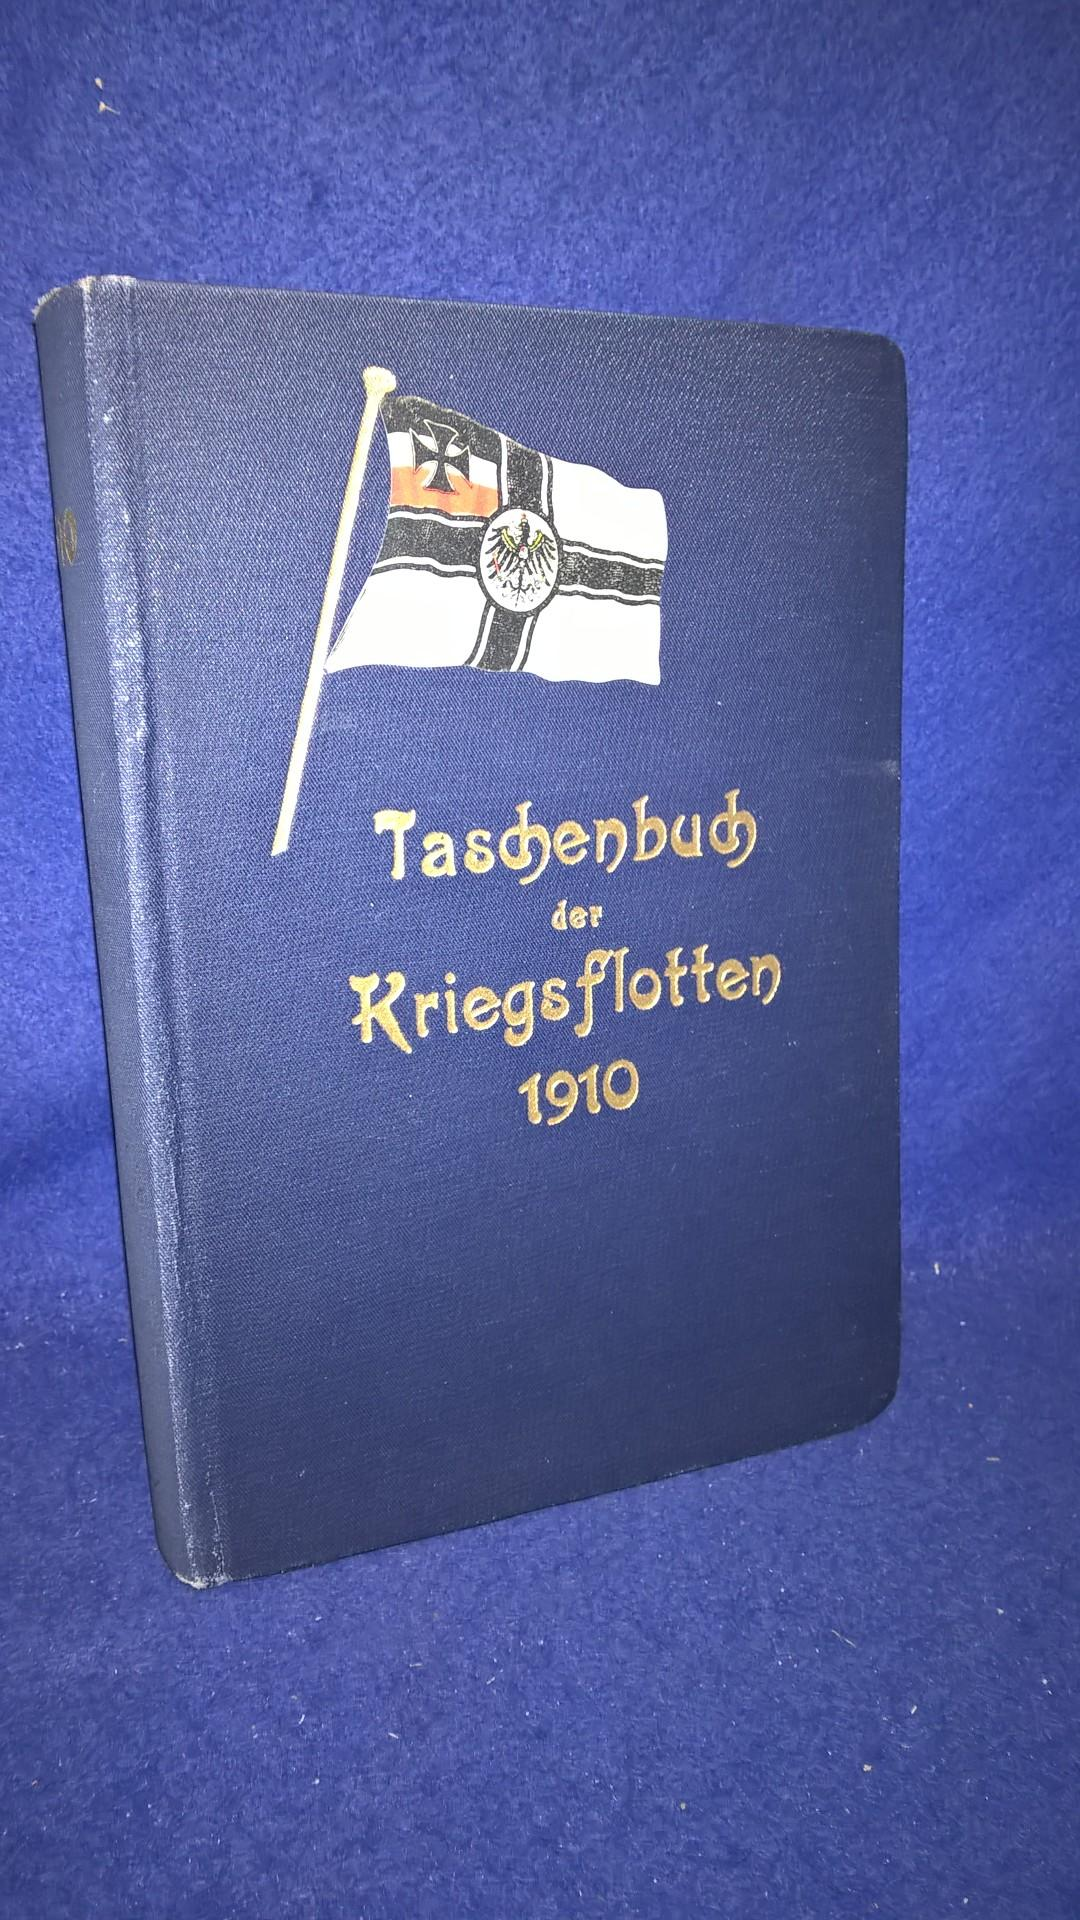 Taschenbuch der Kriegsflotten XI. Jahrgang. 1910. Als Anhang: Die Luft-Kriegsschiffe.